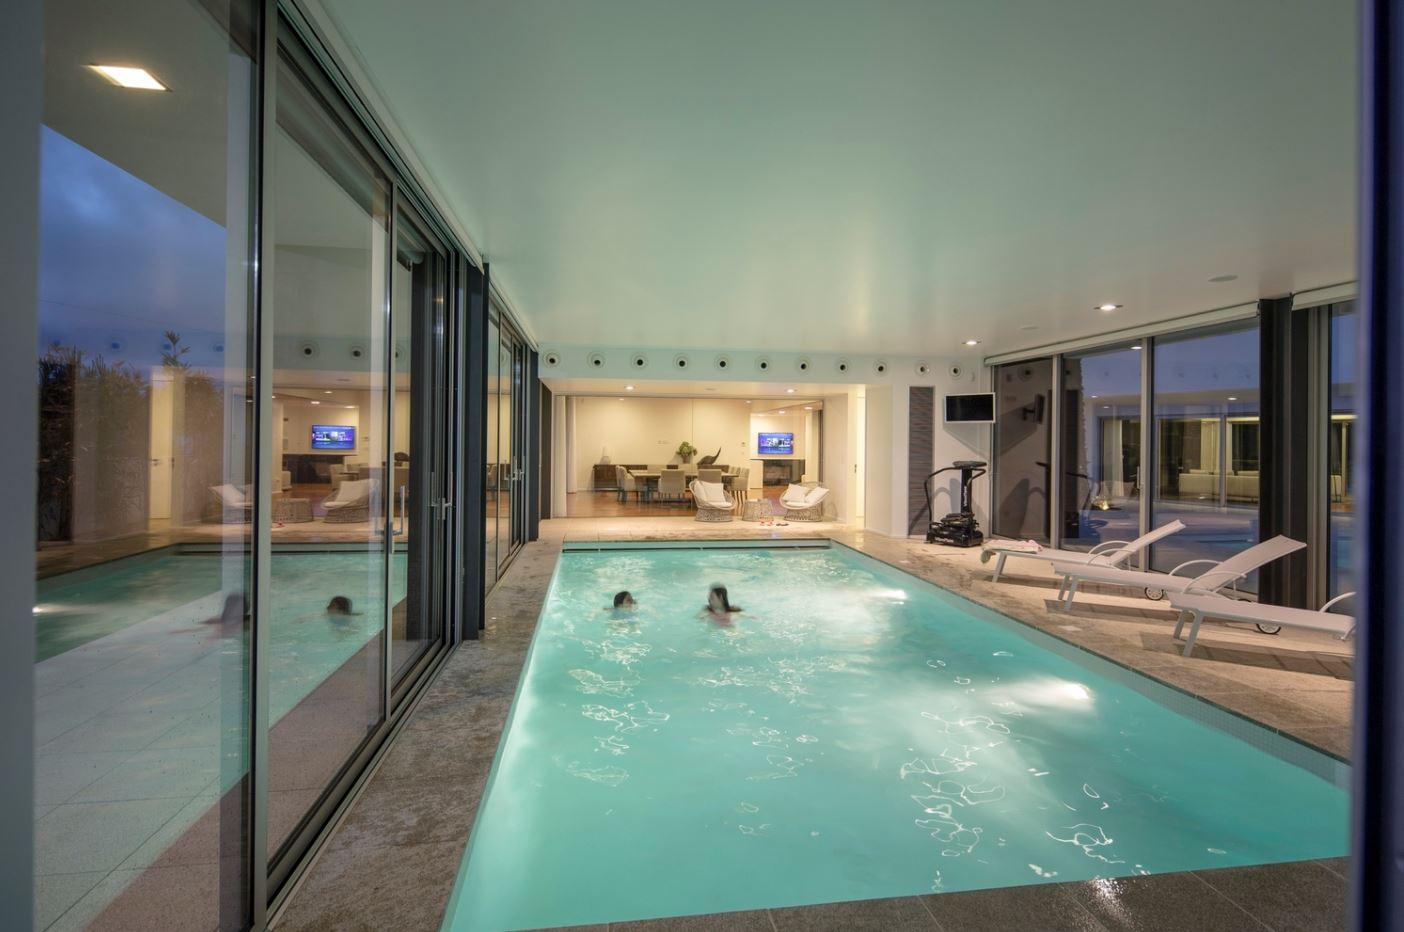 Fachadas vidriadas - Casas con piscina interior ...